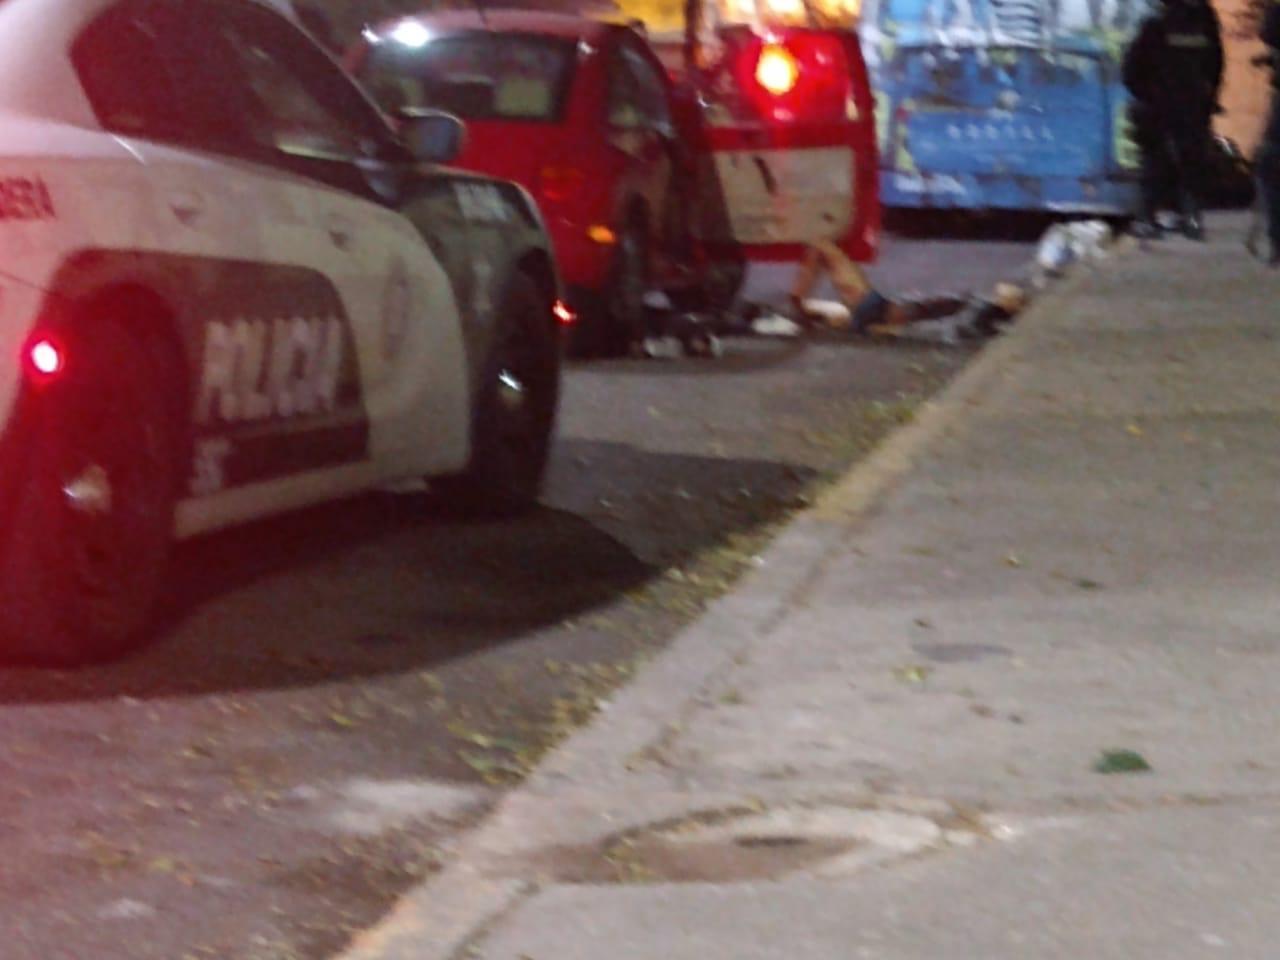 Ejecución estilo Narco: asesinan a 3 mujeres y un hombre al interior de un carro en calles de la GAM